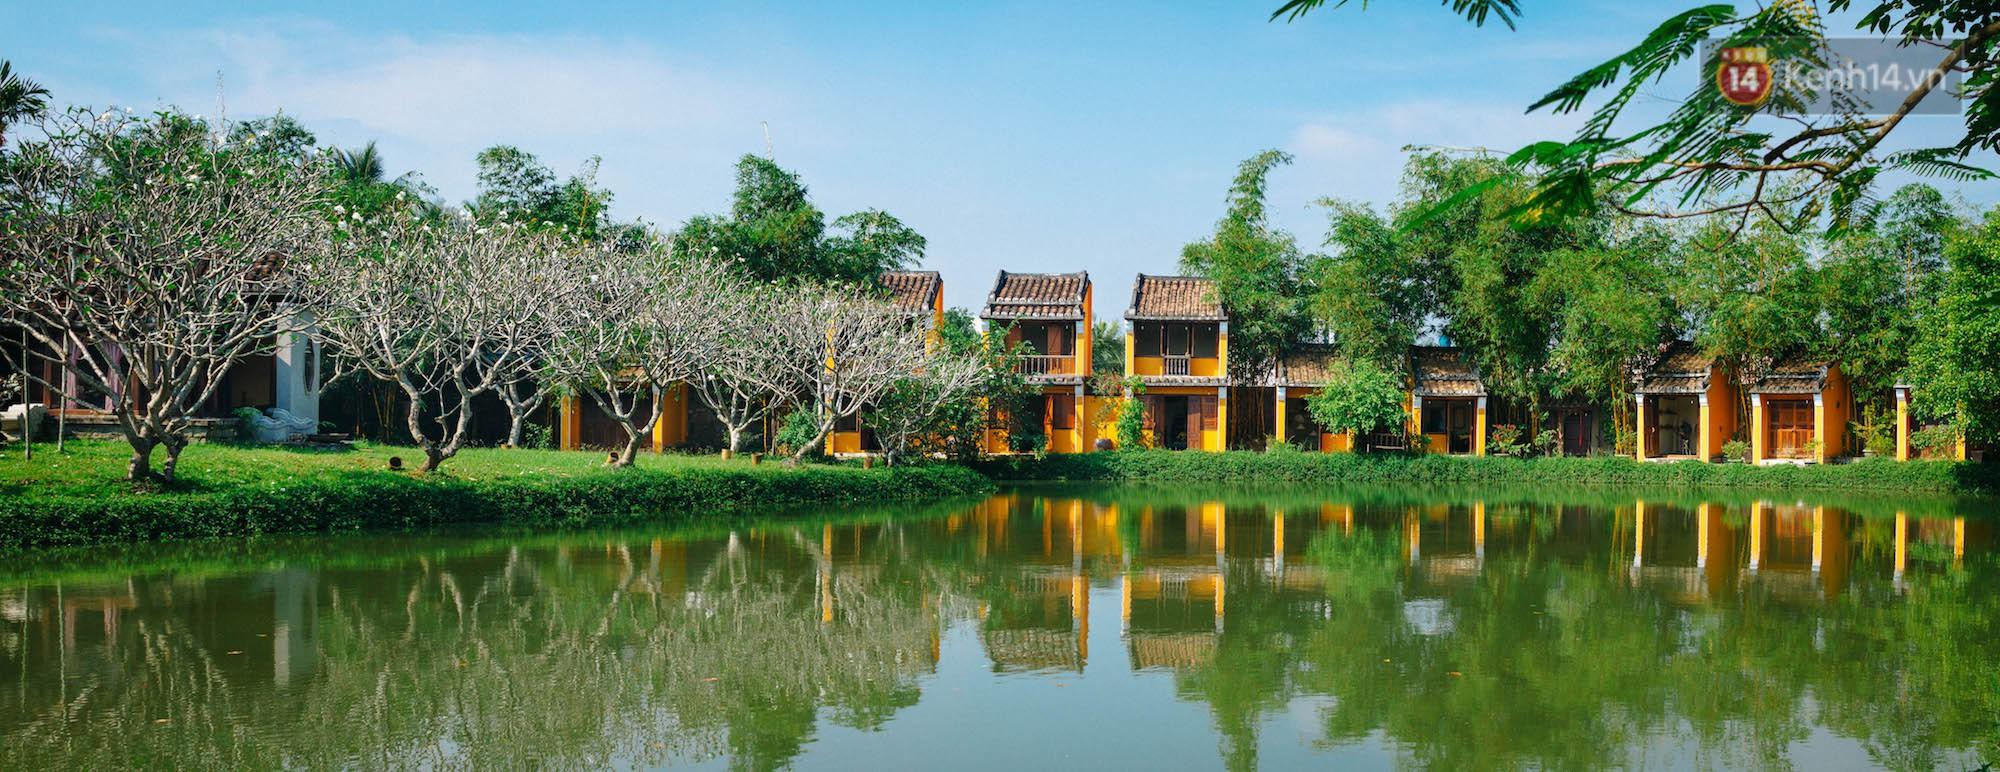 Ở Sài Gòn có một bảo tàng đẹp như tranh chỉ dành riêng để tôn vinh áo dài - Ảnh 2.